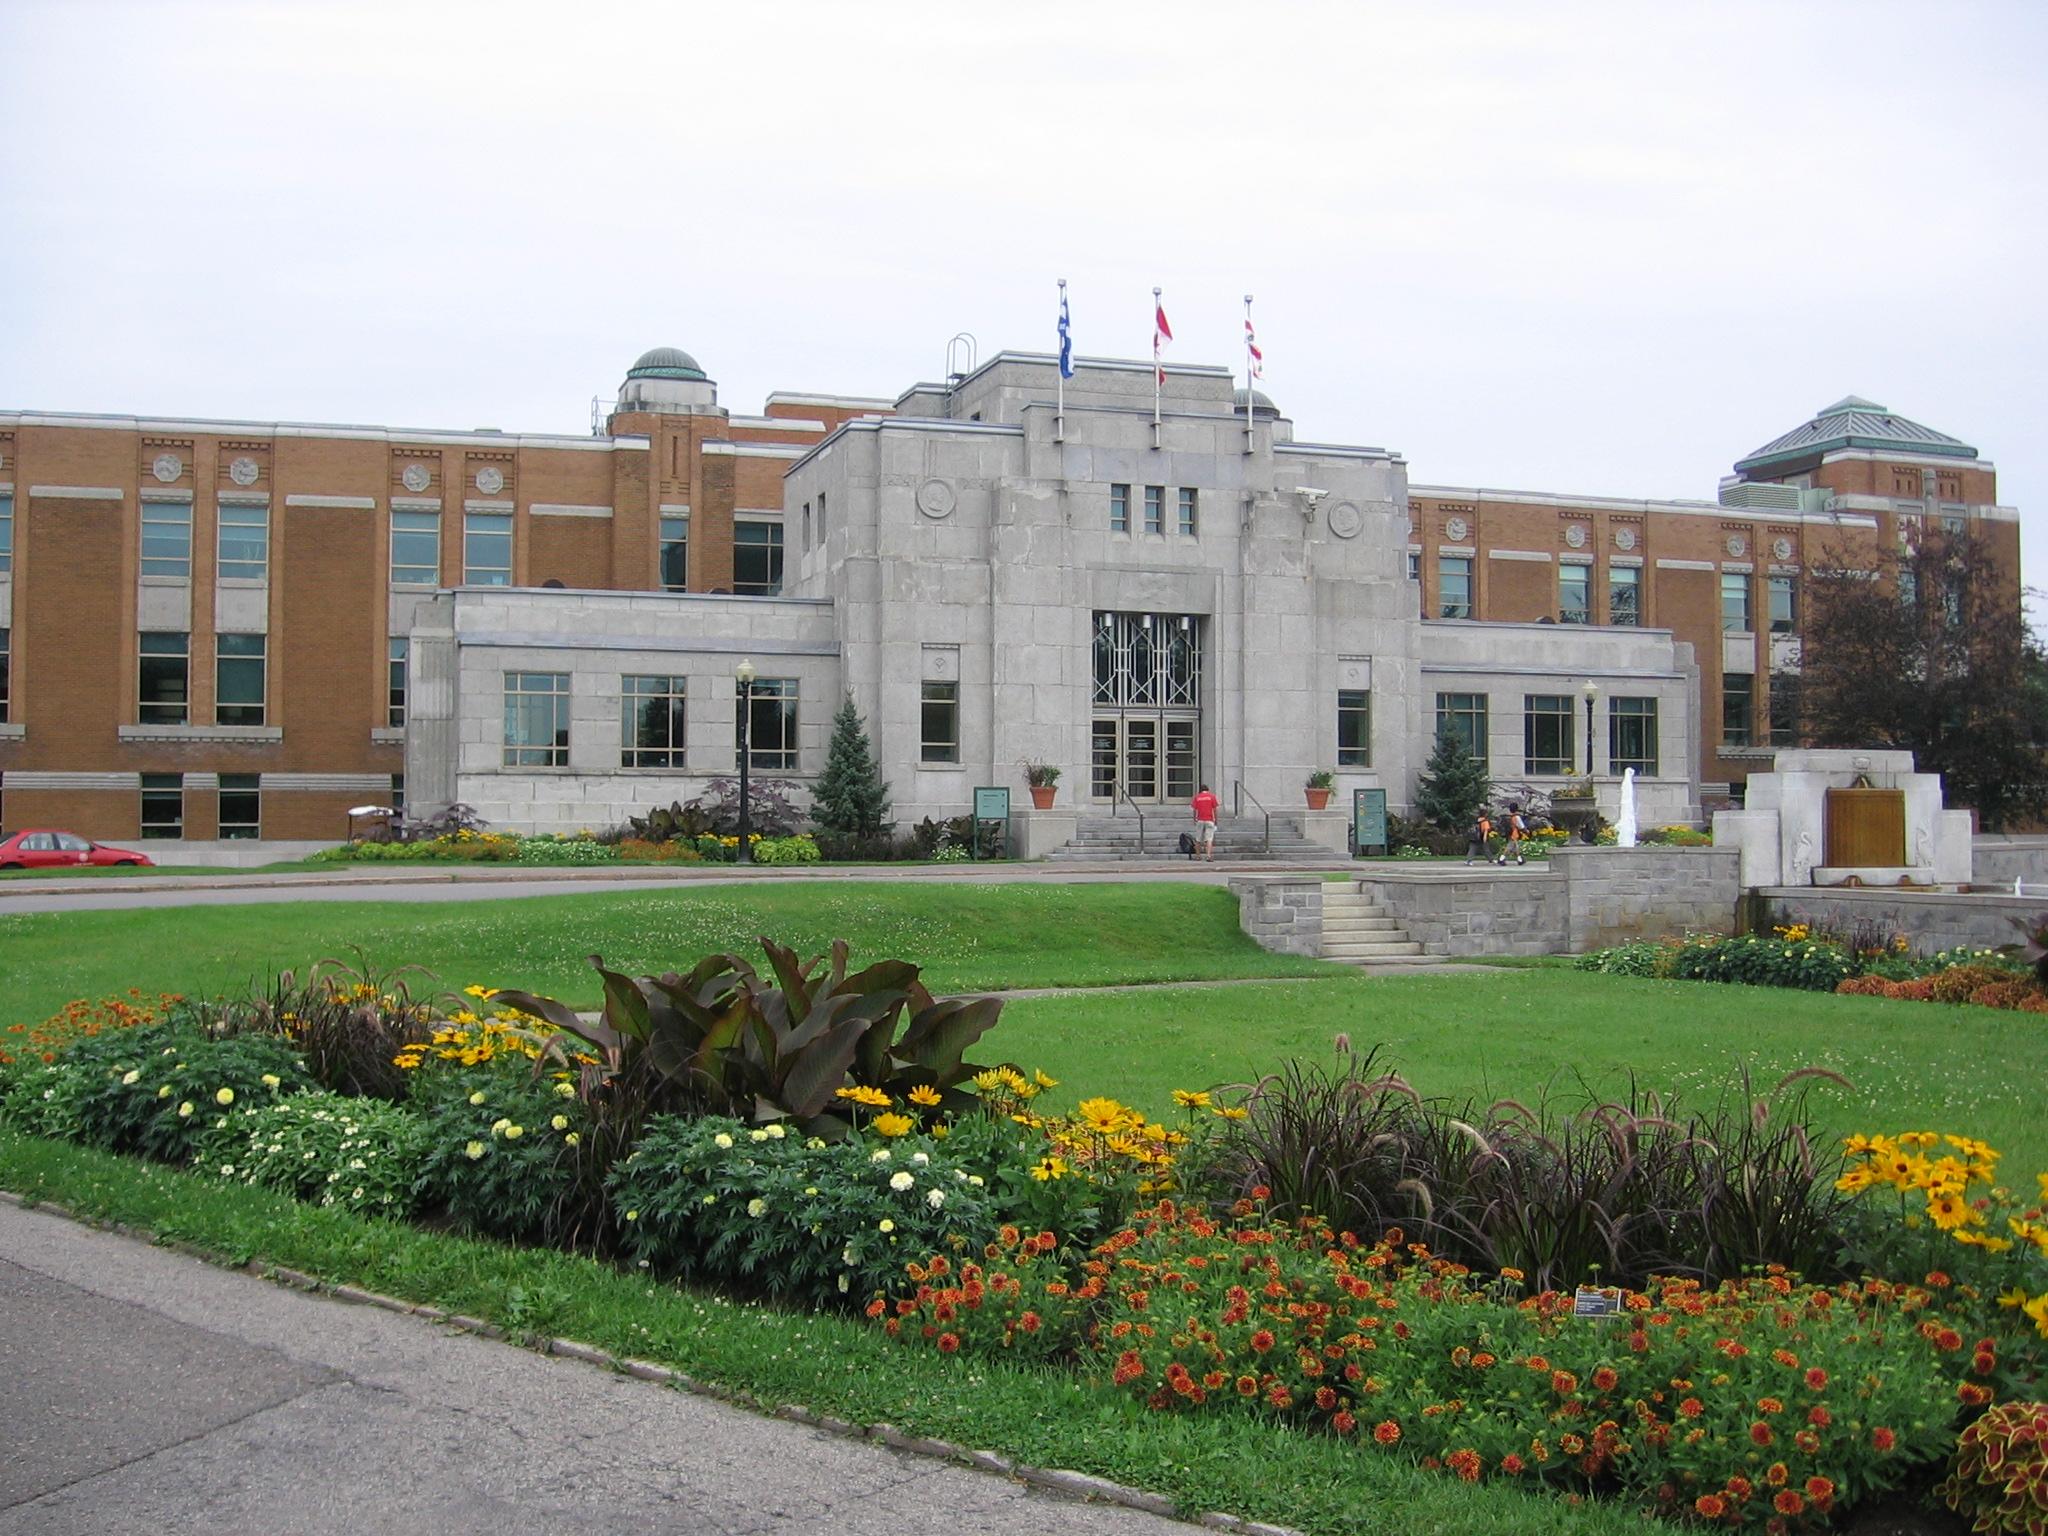 Jardin botanique de montr al for Botanique jardin montreal